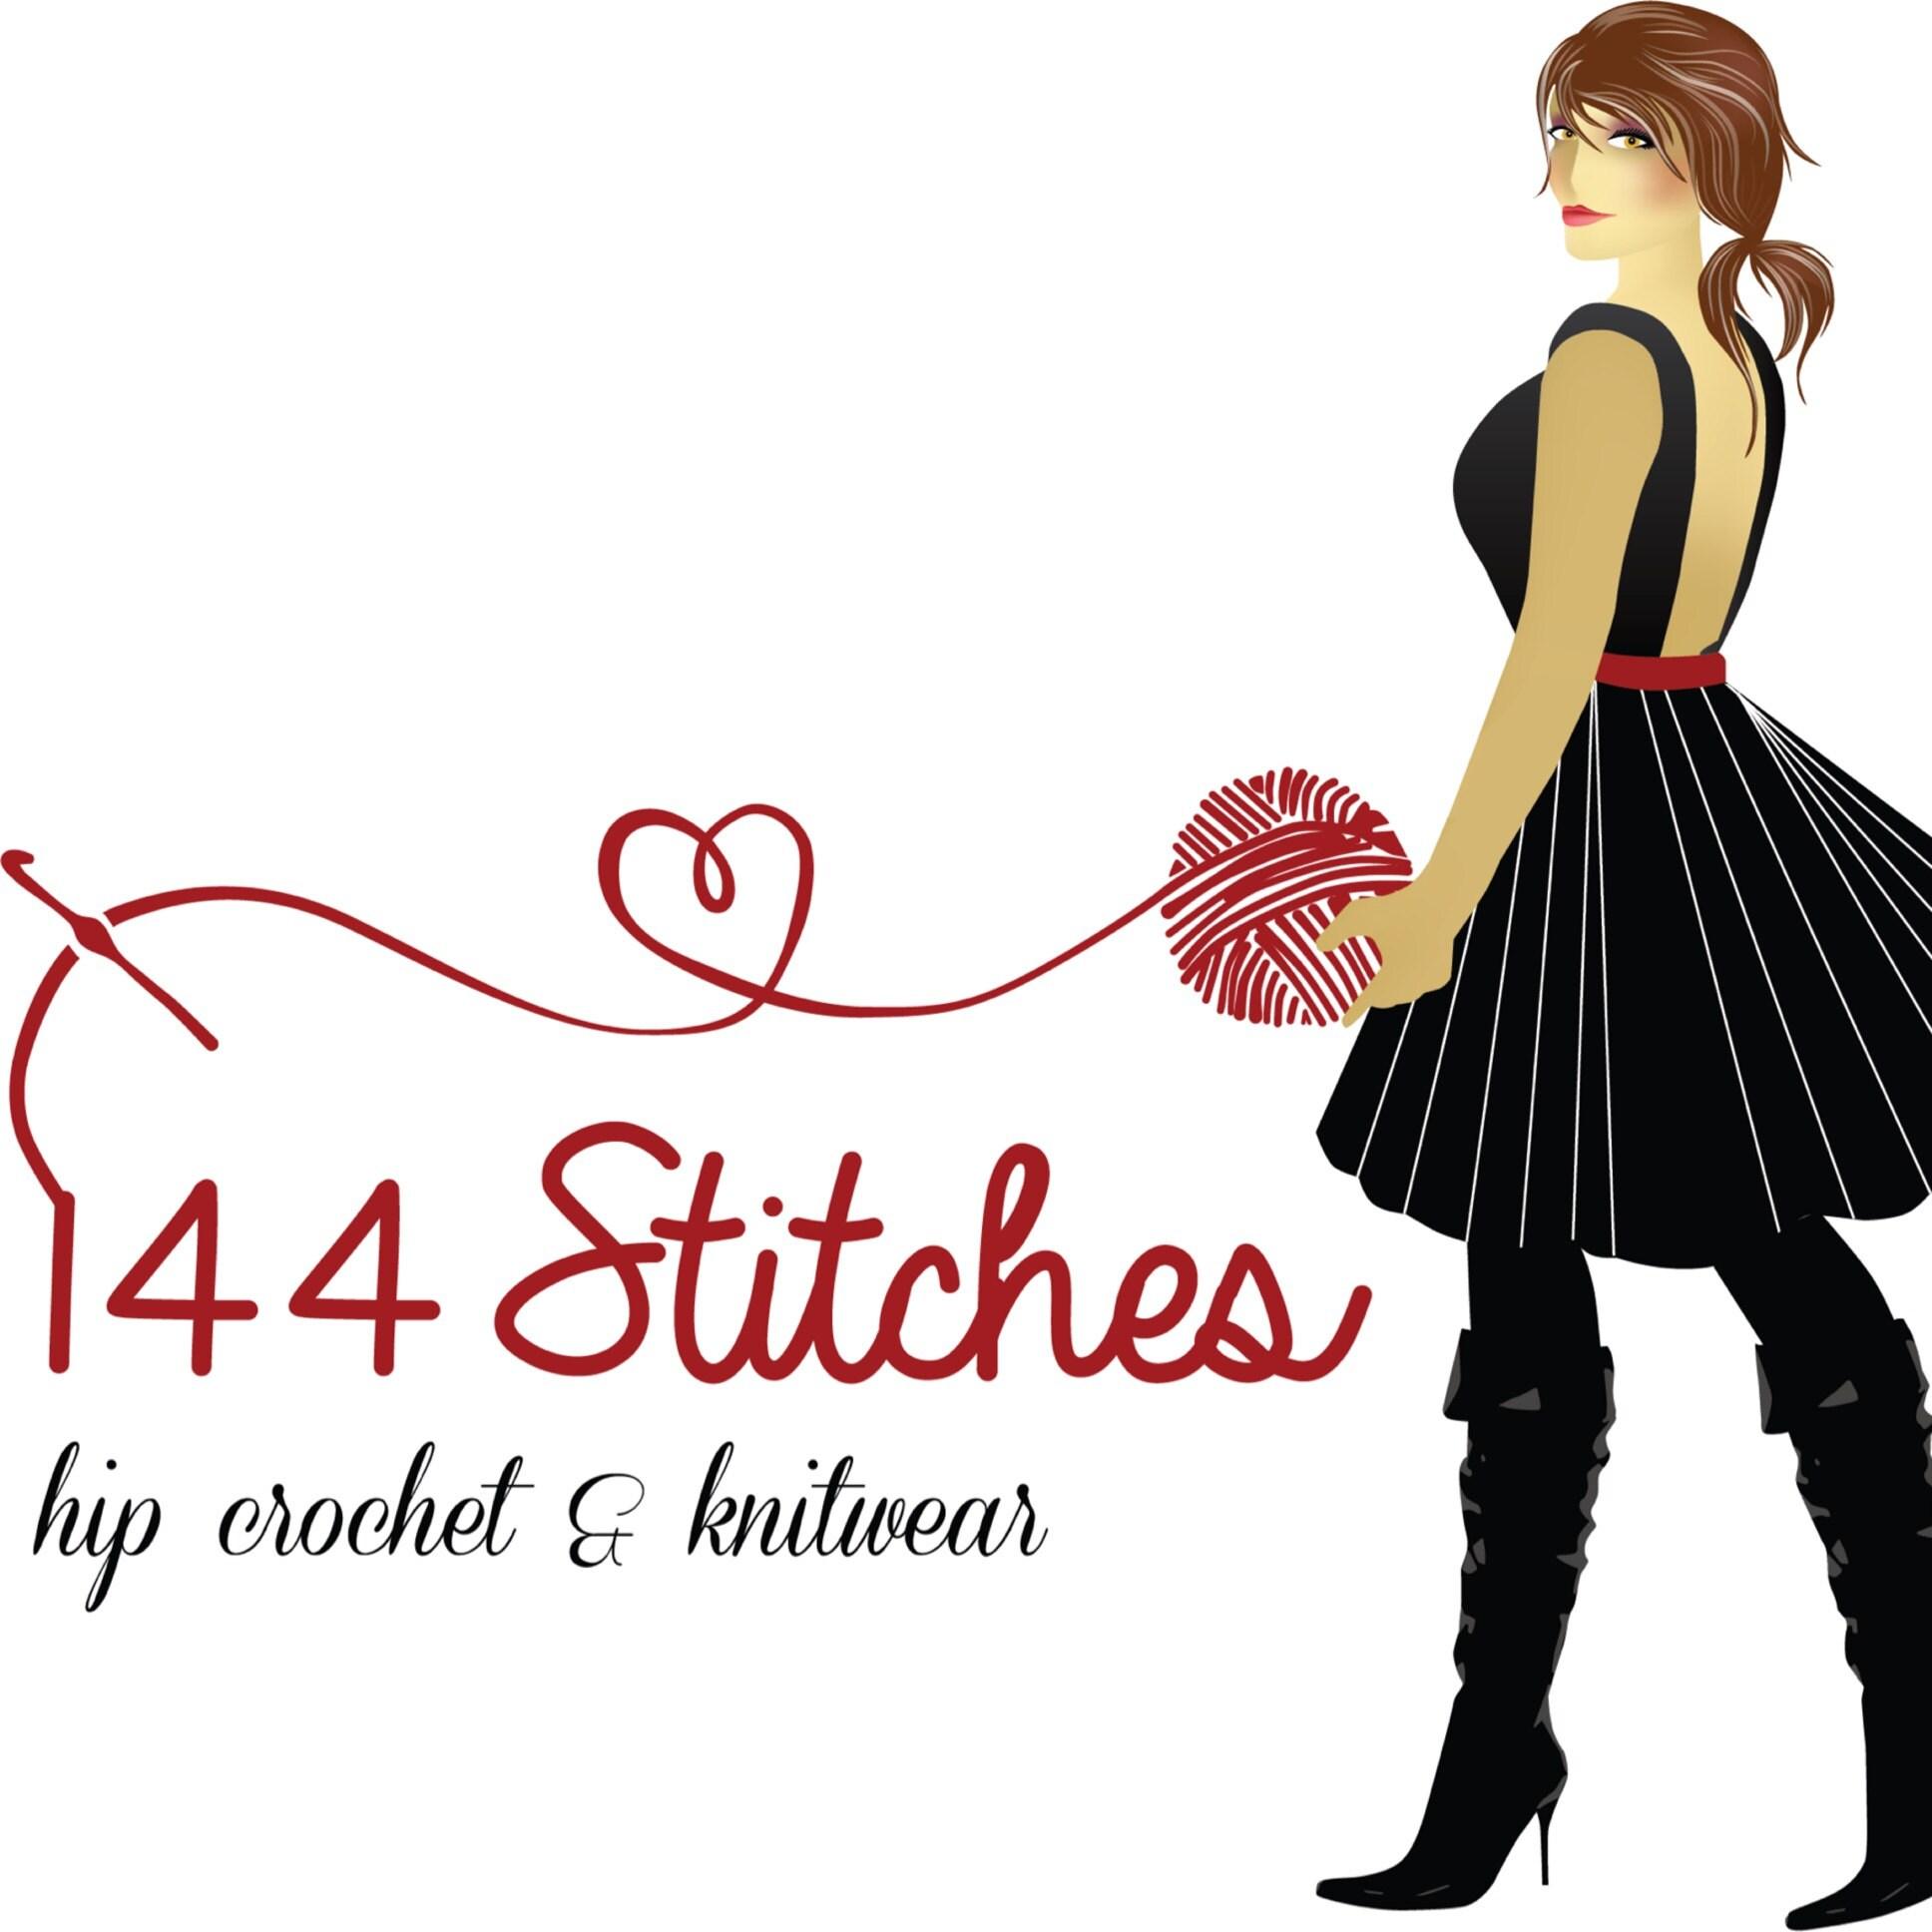 144Stitches